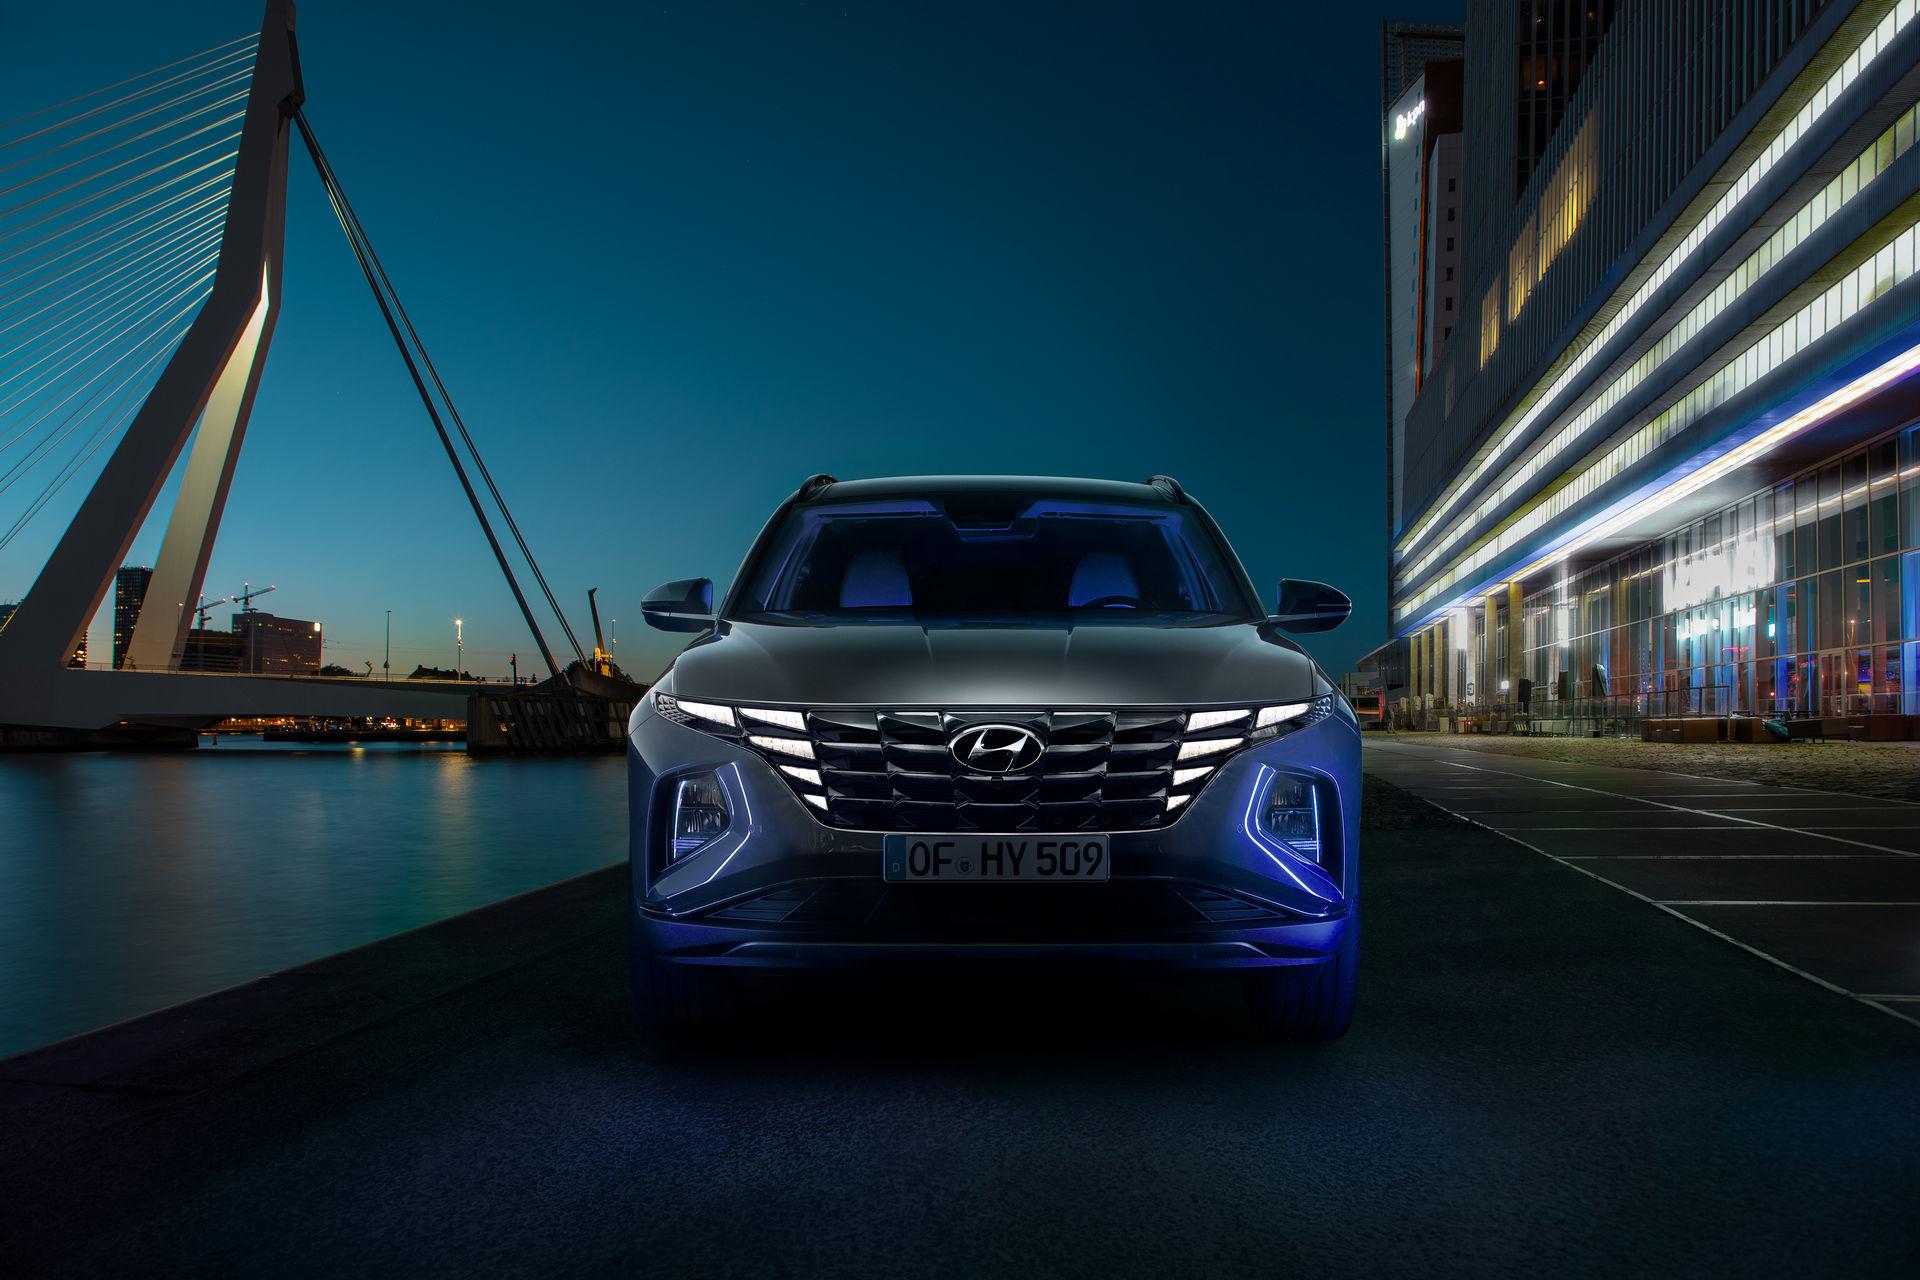 بالفيديو والصور.. انطلاق هيونداي توسان 2022 الجديدة كليًا رسميًا 2021-Hyundai-Tucson-10.jpg